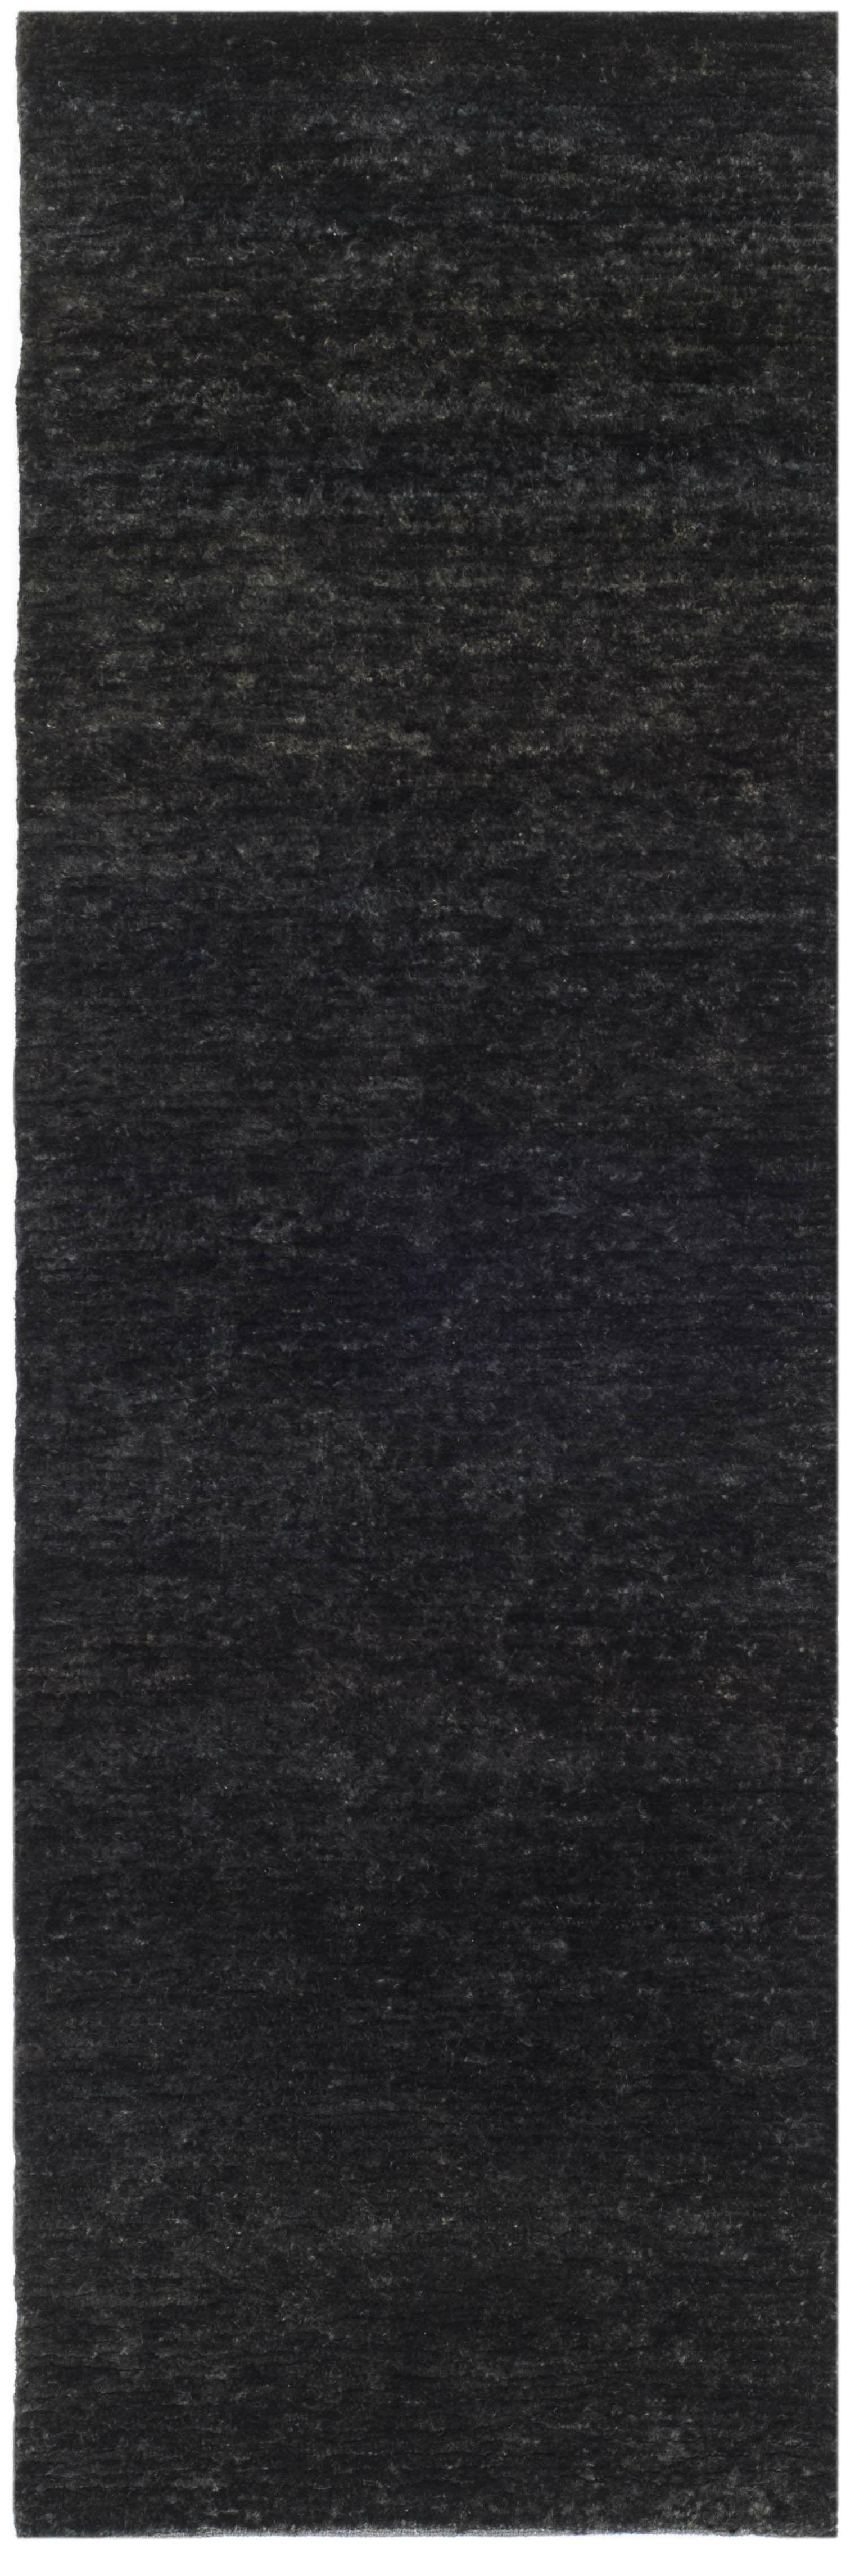 Parisi Black Area Rug Rug Size: Runner 2'6